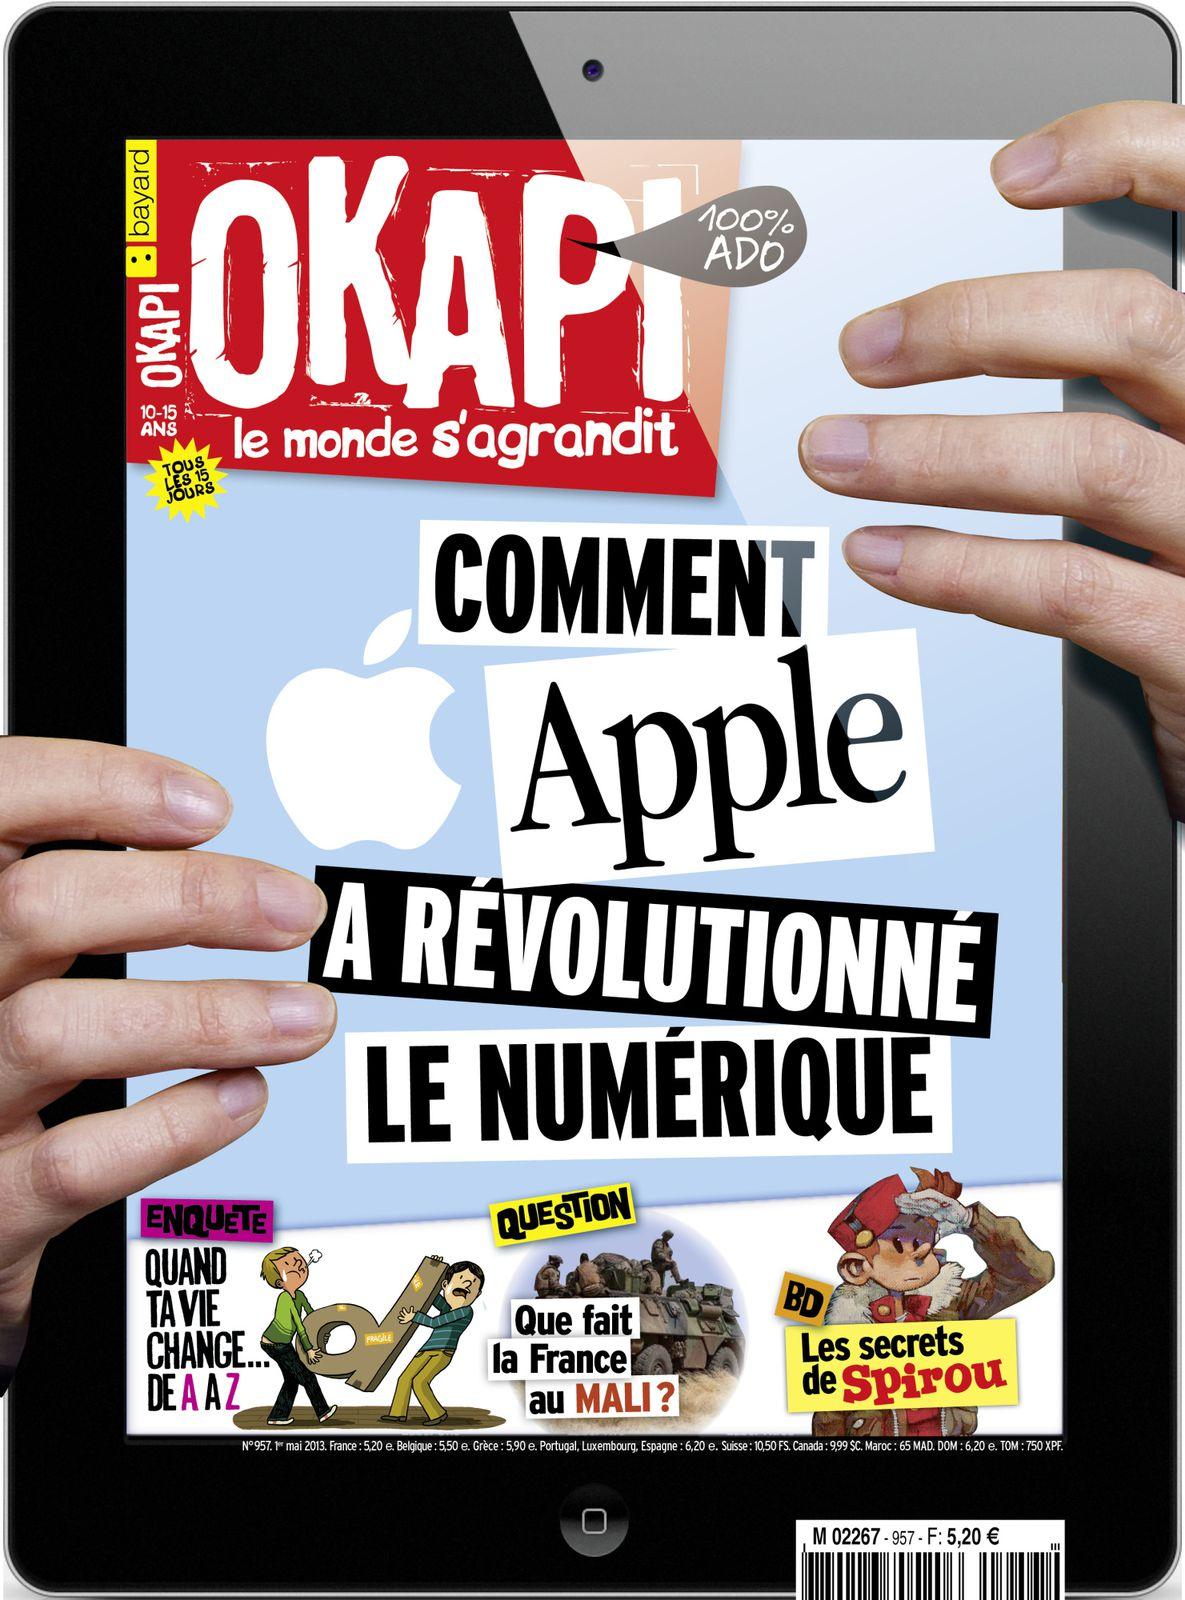 """Couverture Okapi 1er mai 2013 avec l'Enquête """"Quand tout change dans ta vie de A à Z """""""